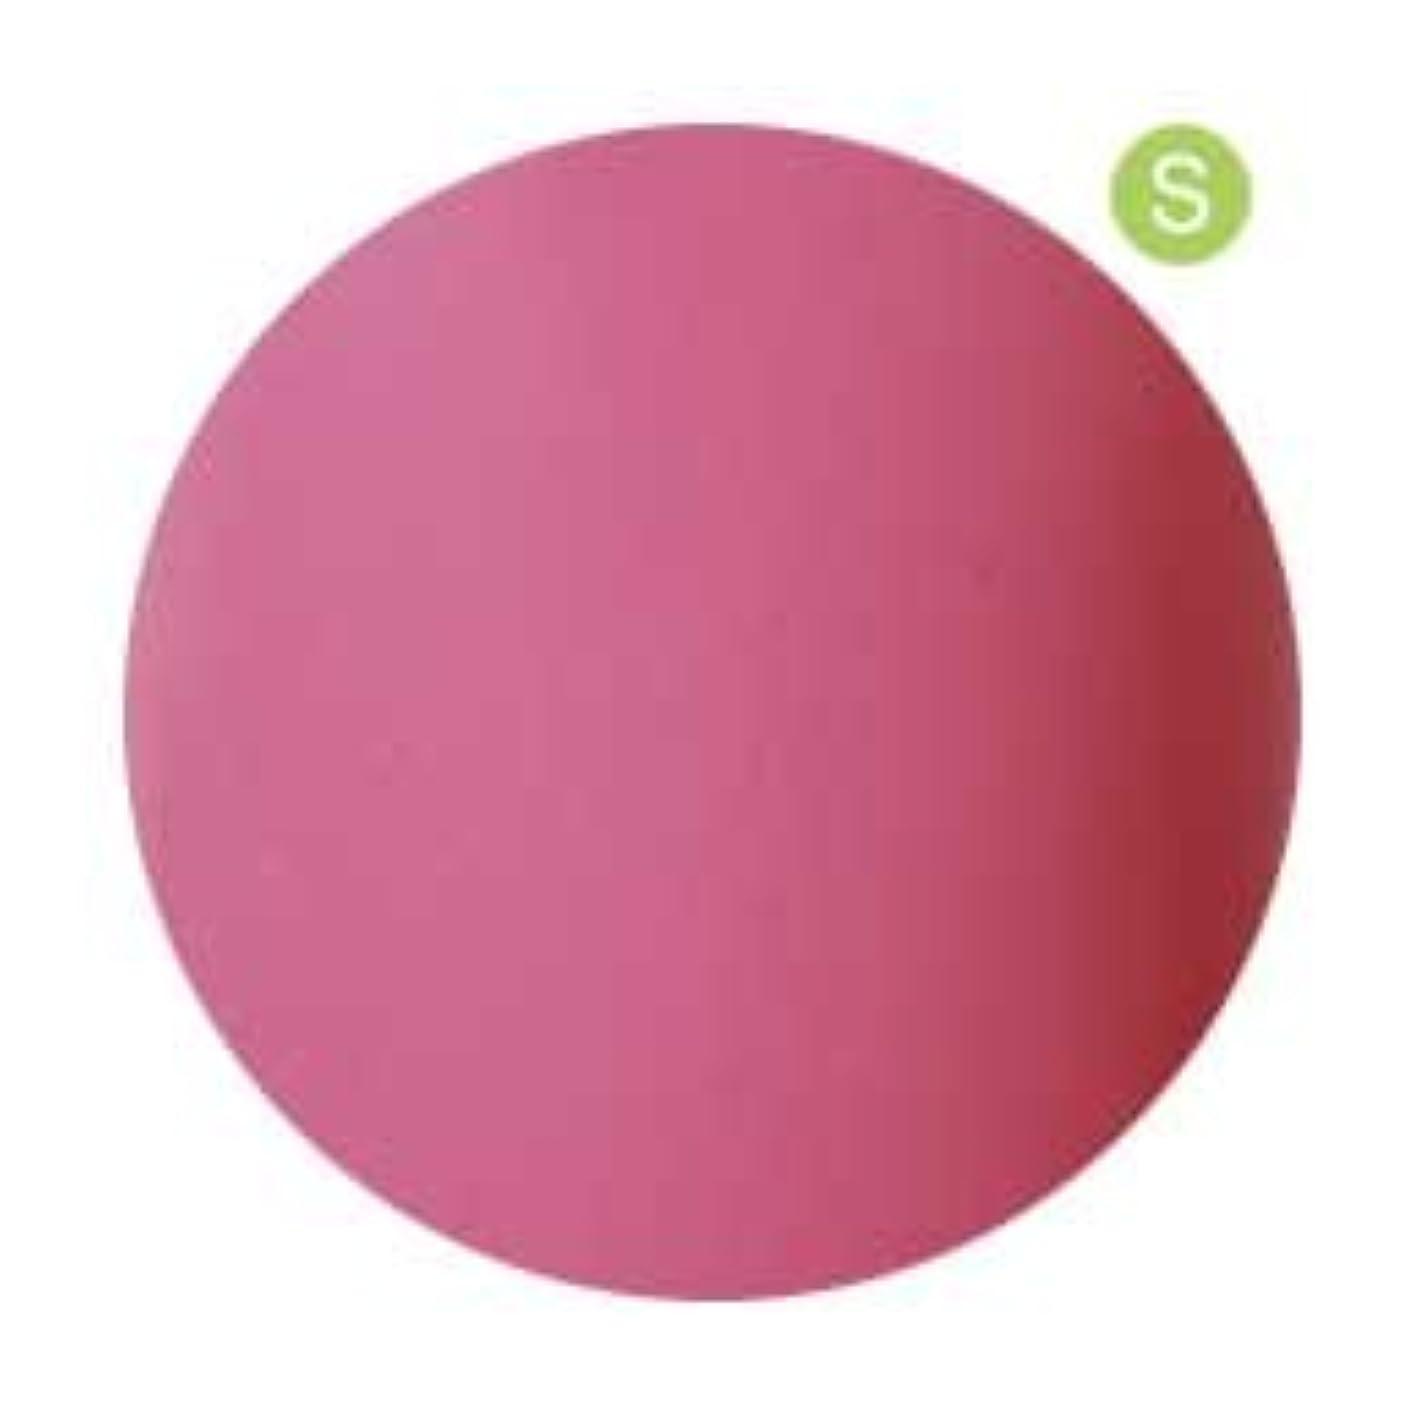 分類第五ジャグリングPalms Graceful カラージェル 3g 064 コスモス